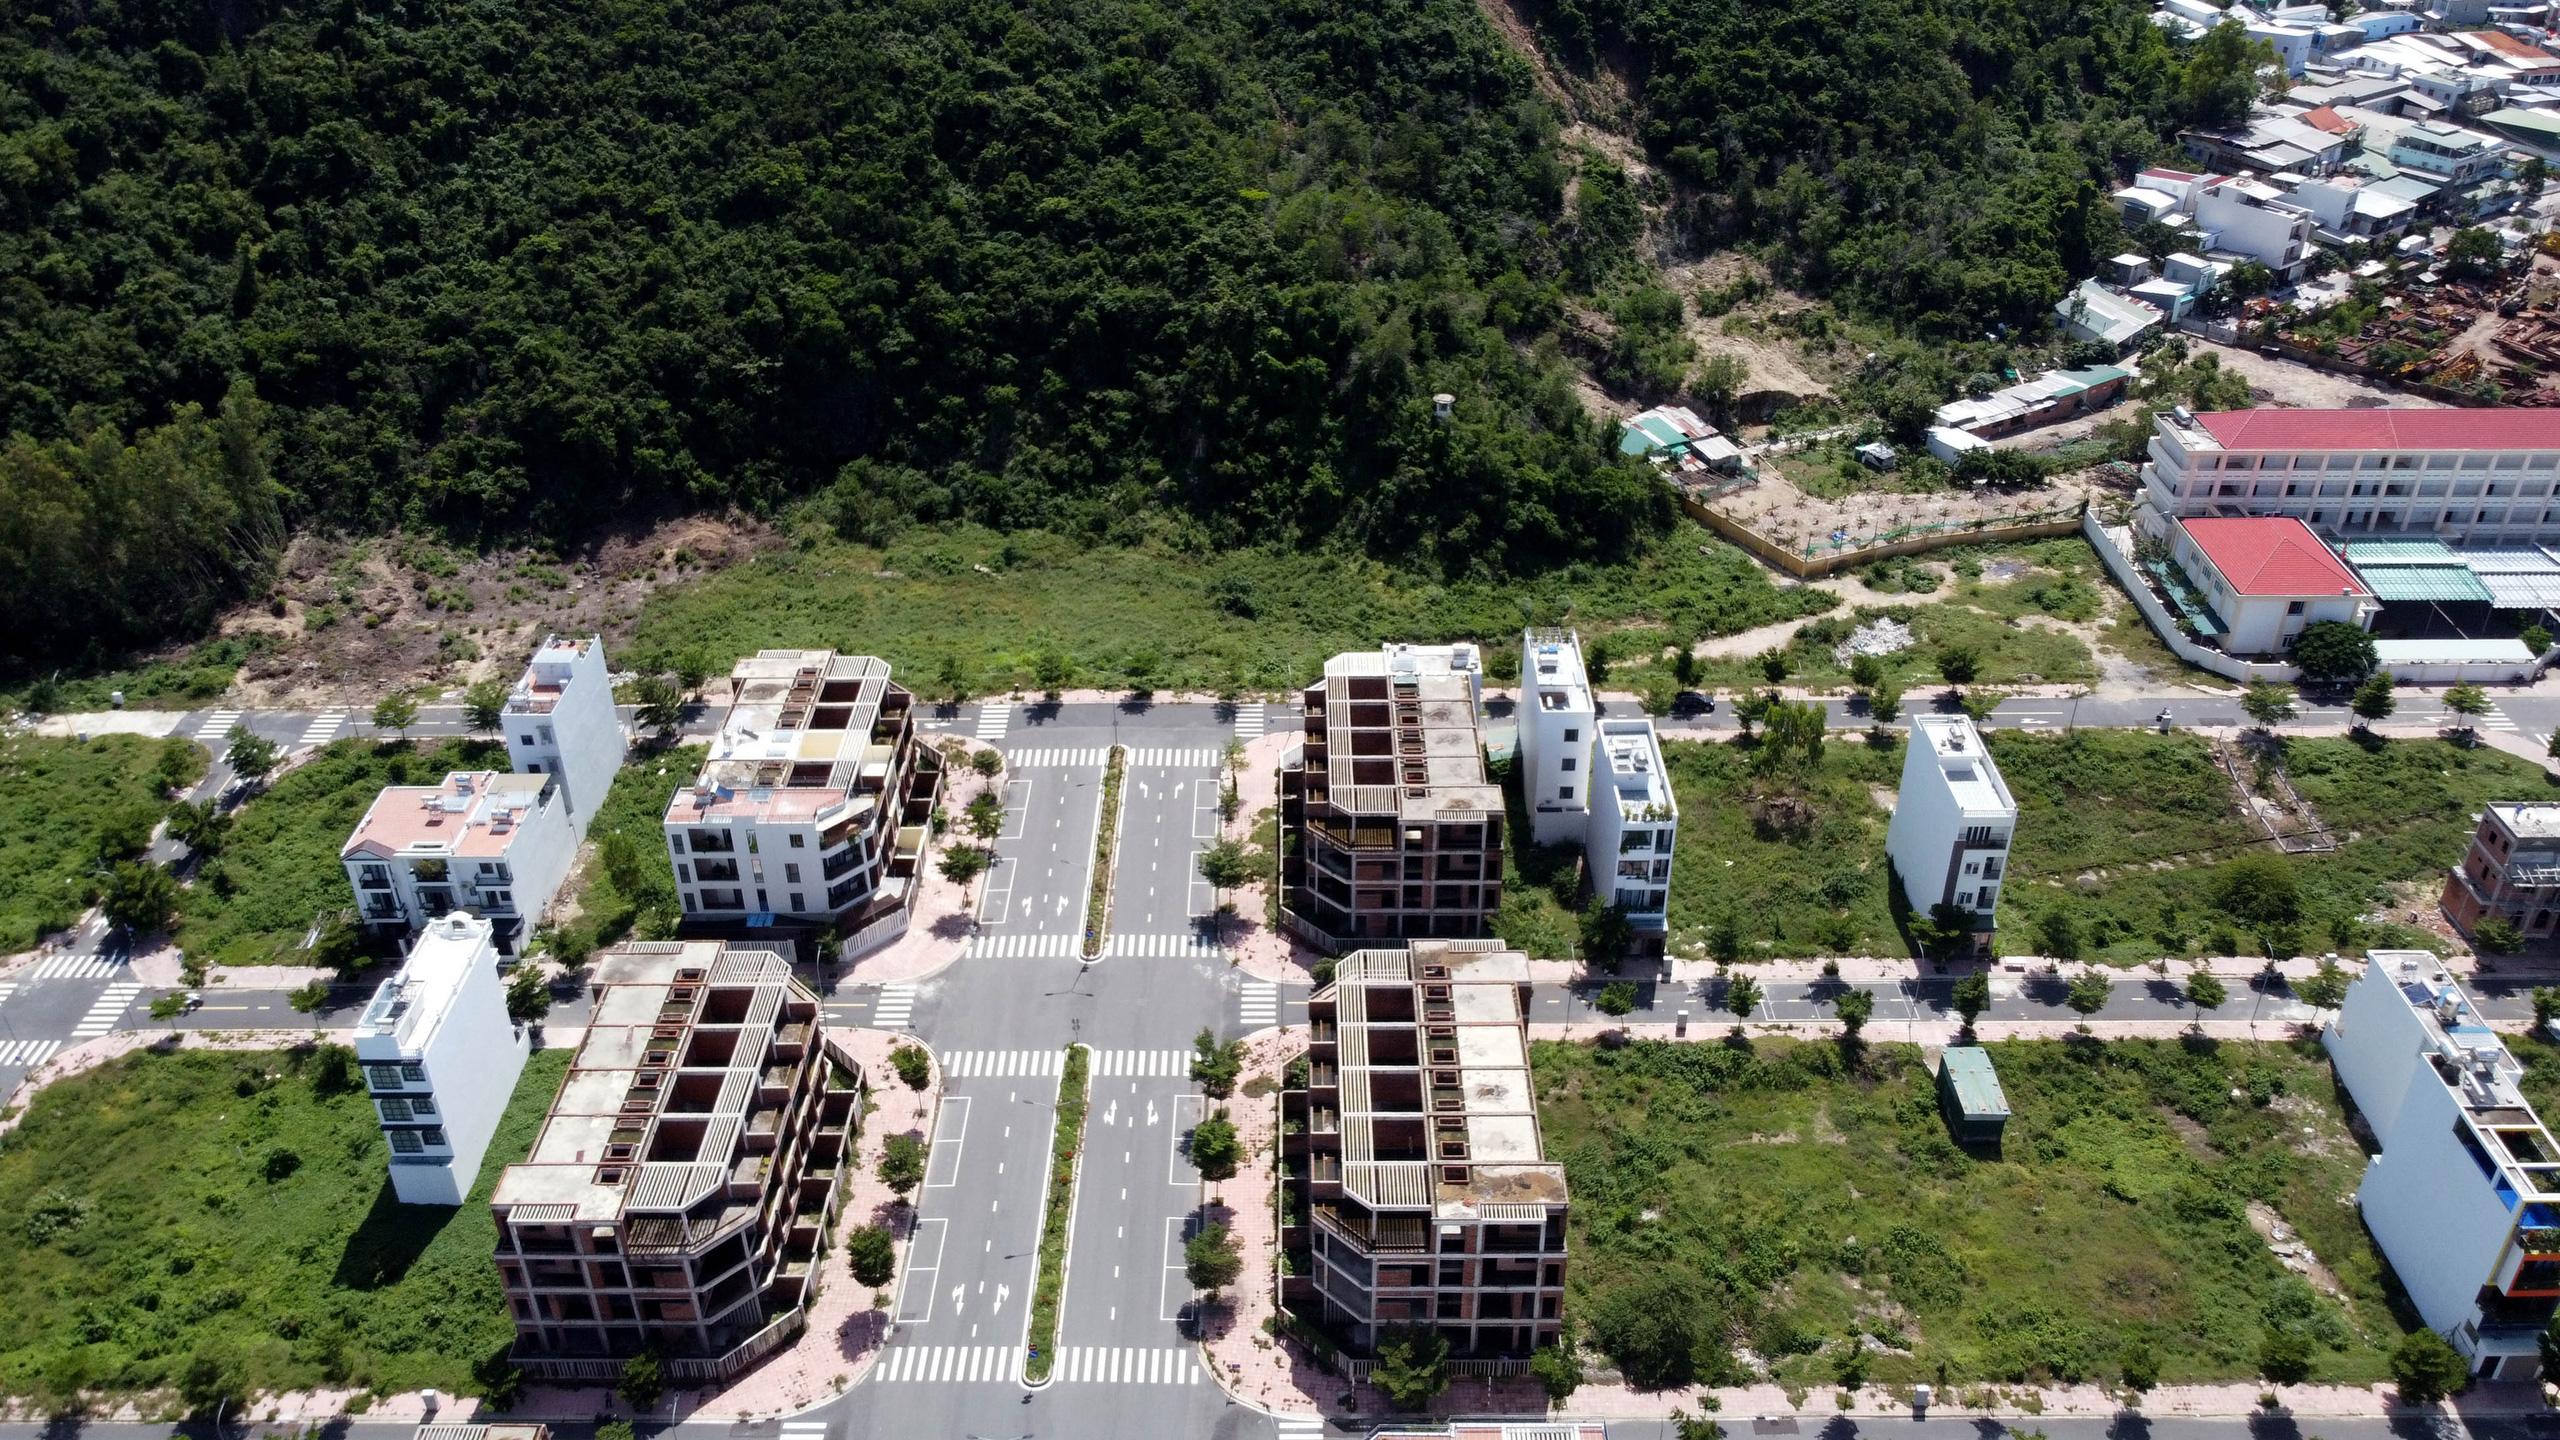 Hàng loạt căn hộ bỏ hoang, vắng chủ tại KĐT Mipeco - Nha Trang - Ảnh 13.